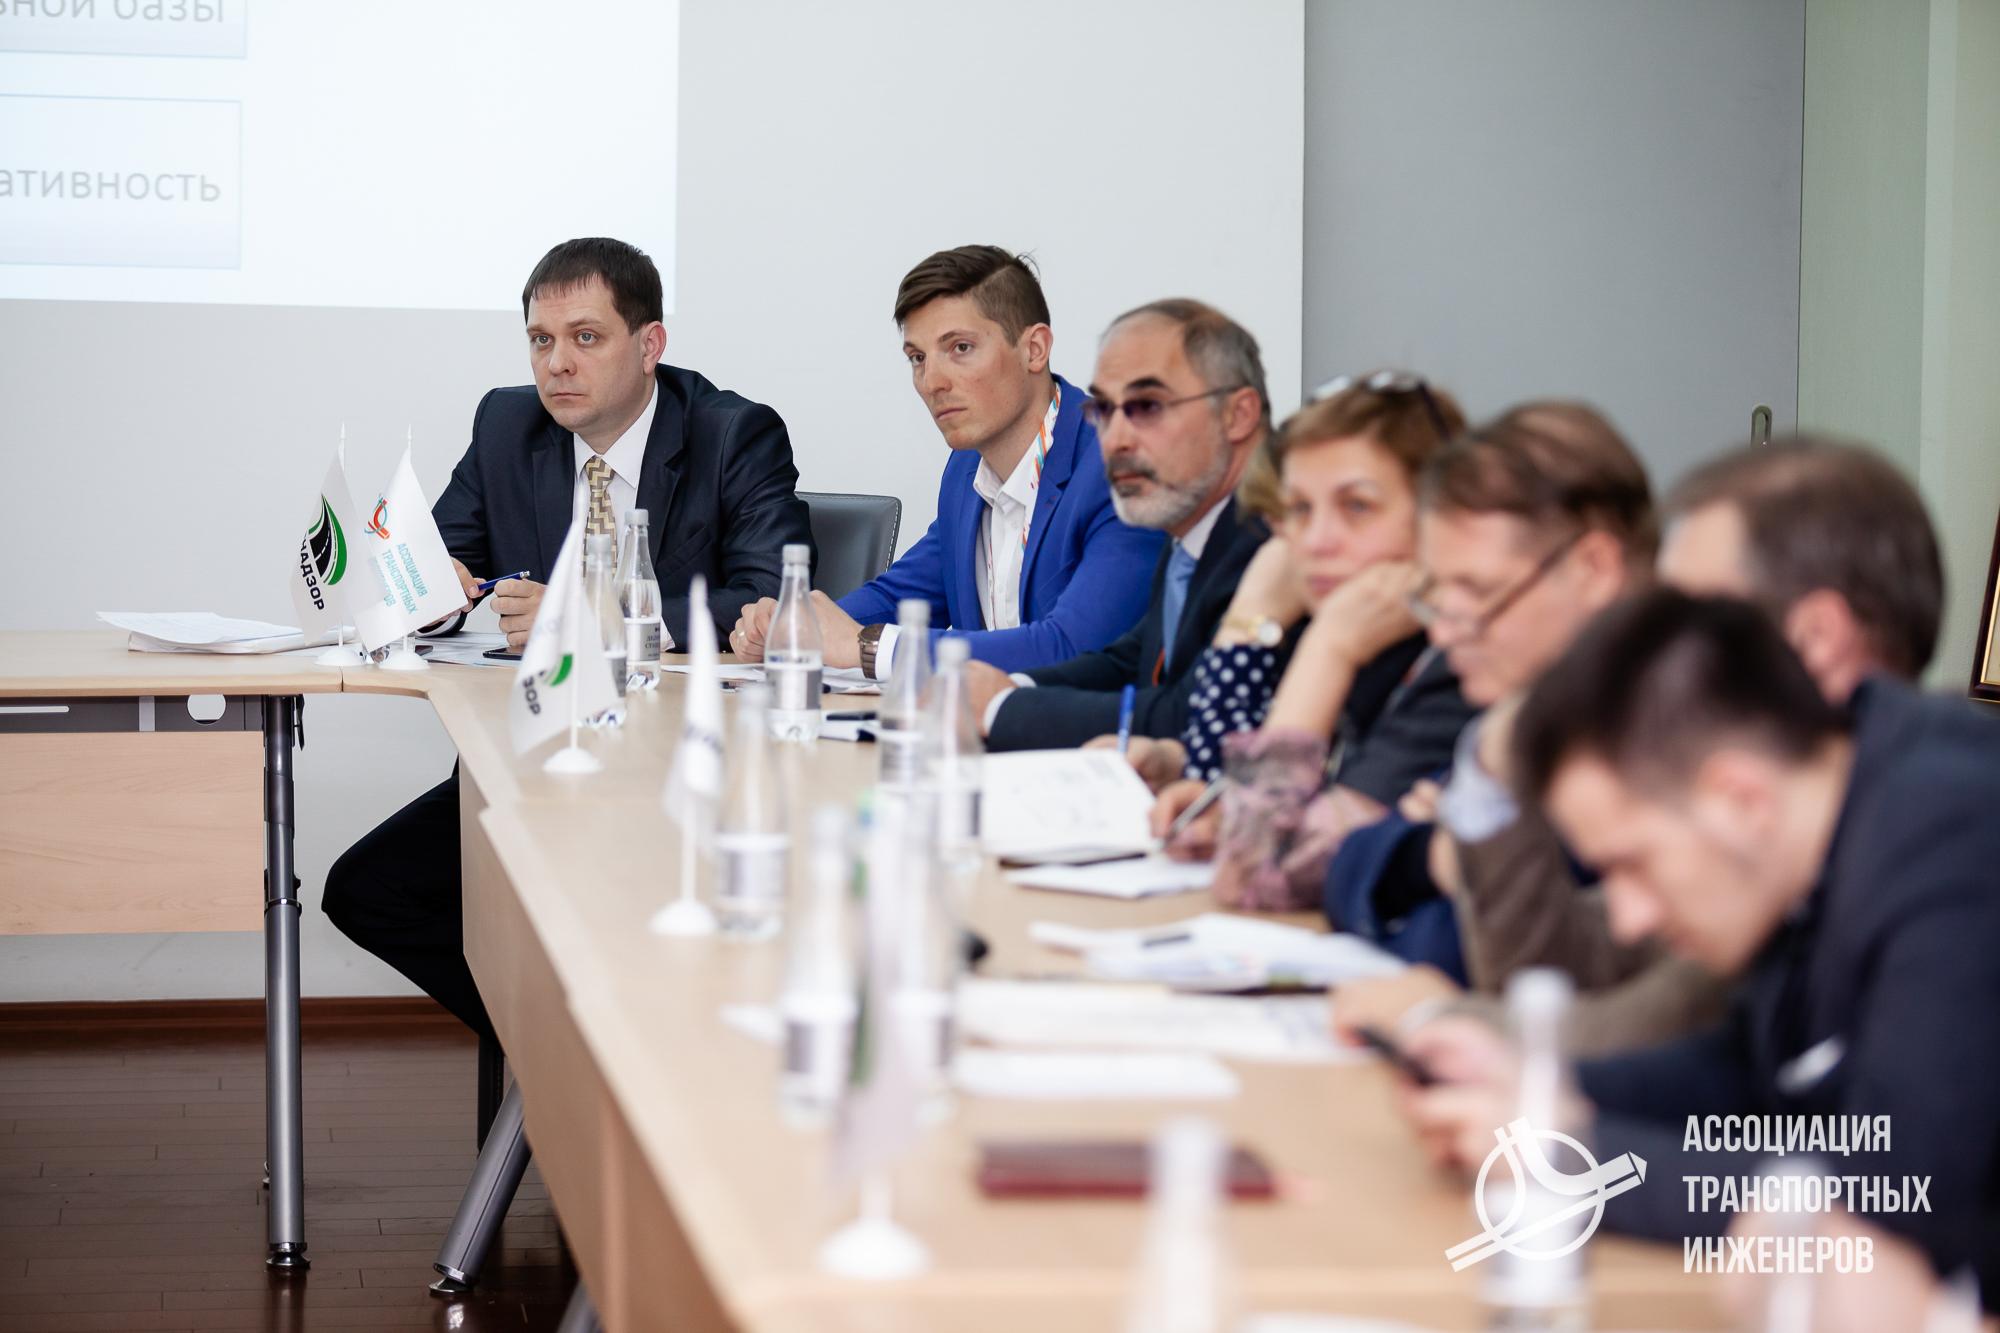 Конференция ТПиМ, 12 апреля  2019  (837)